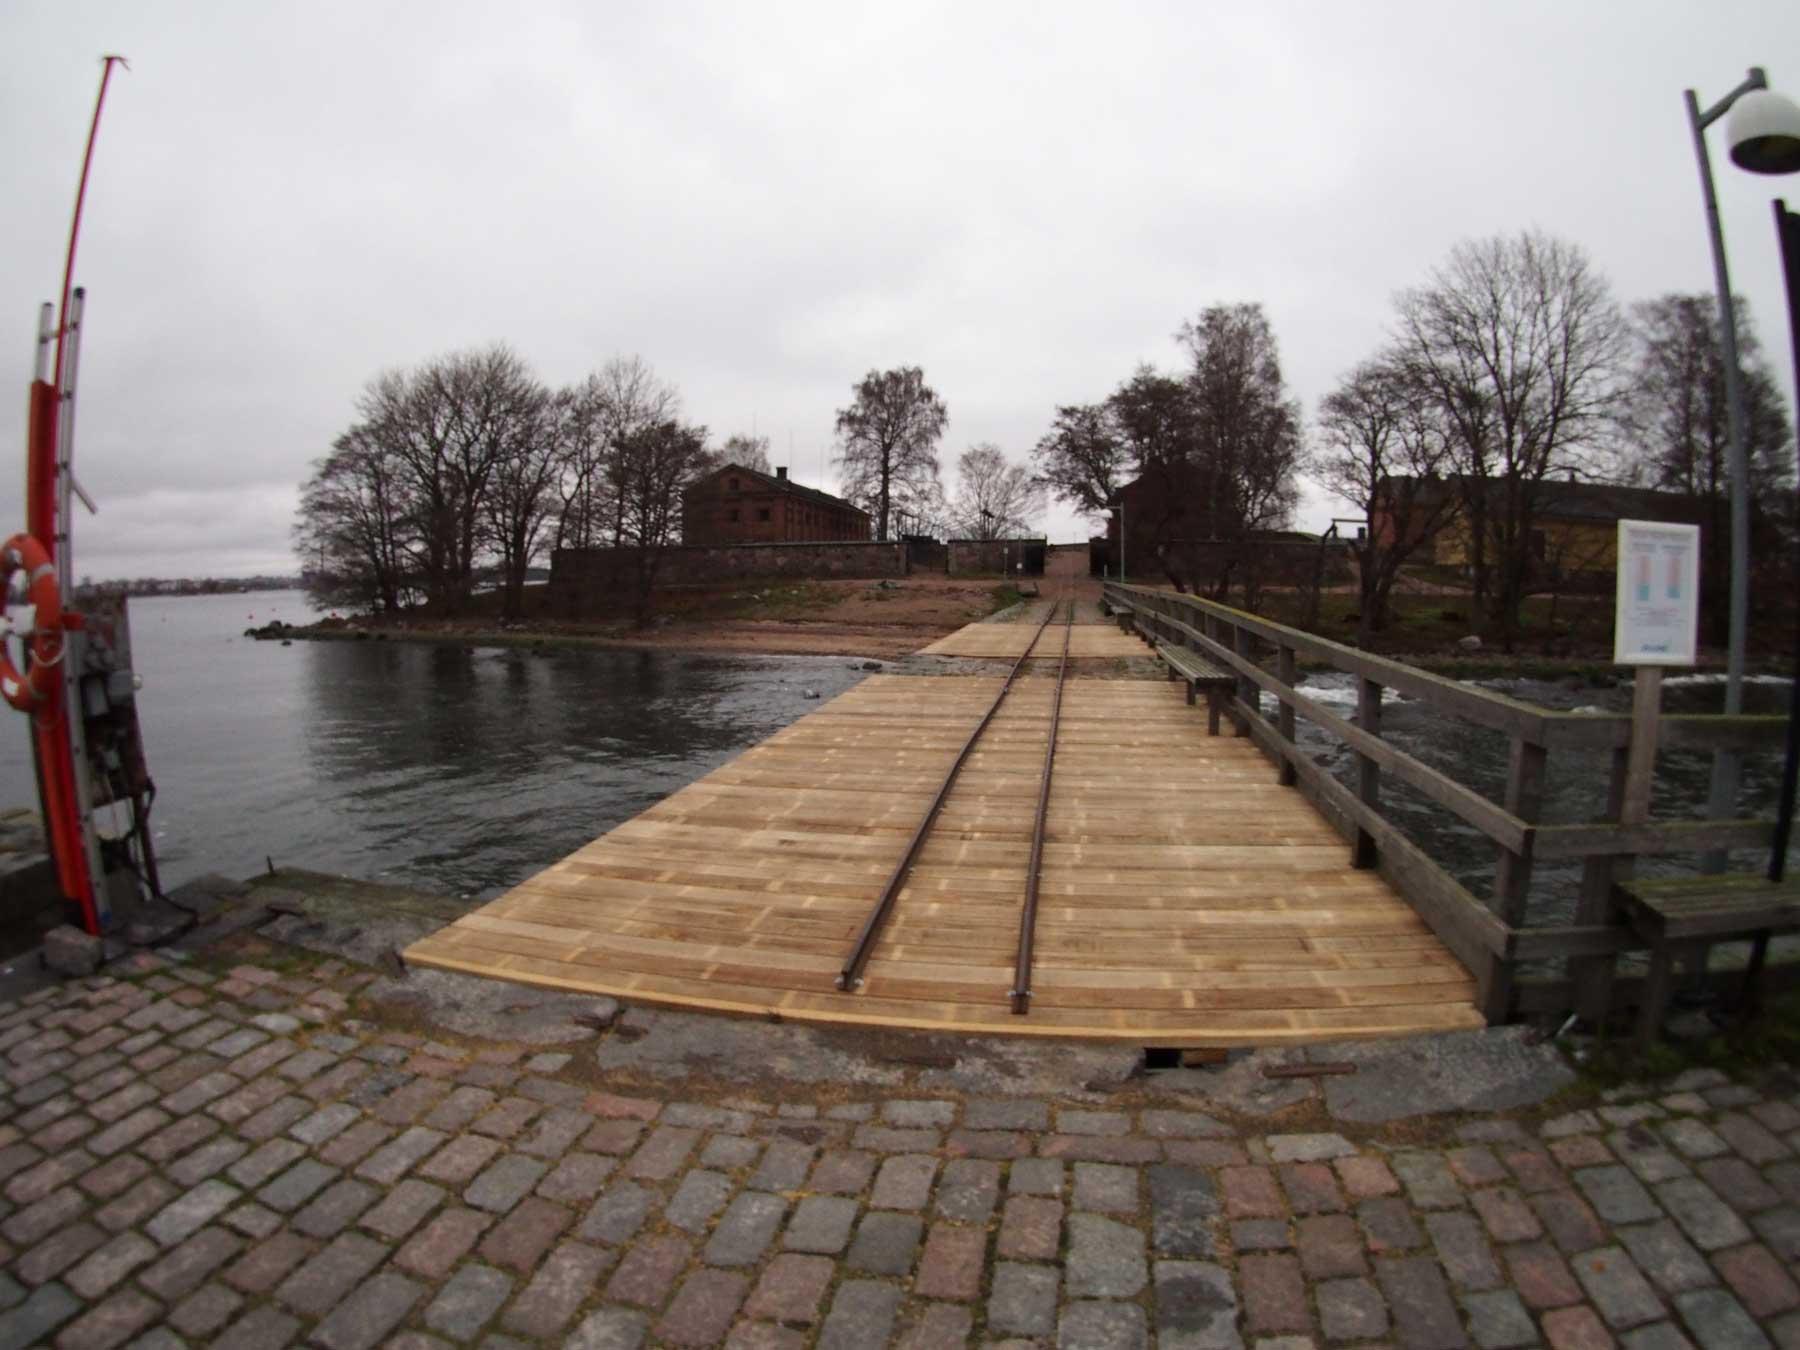 Suomenlinnan hoitokunnan rakentama uusi Lonnan laituri Accoyasta